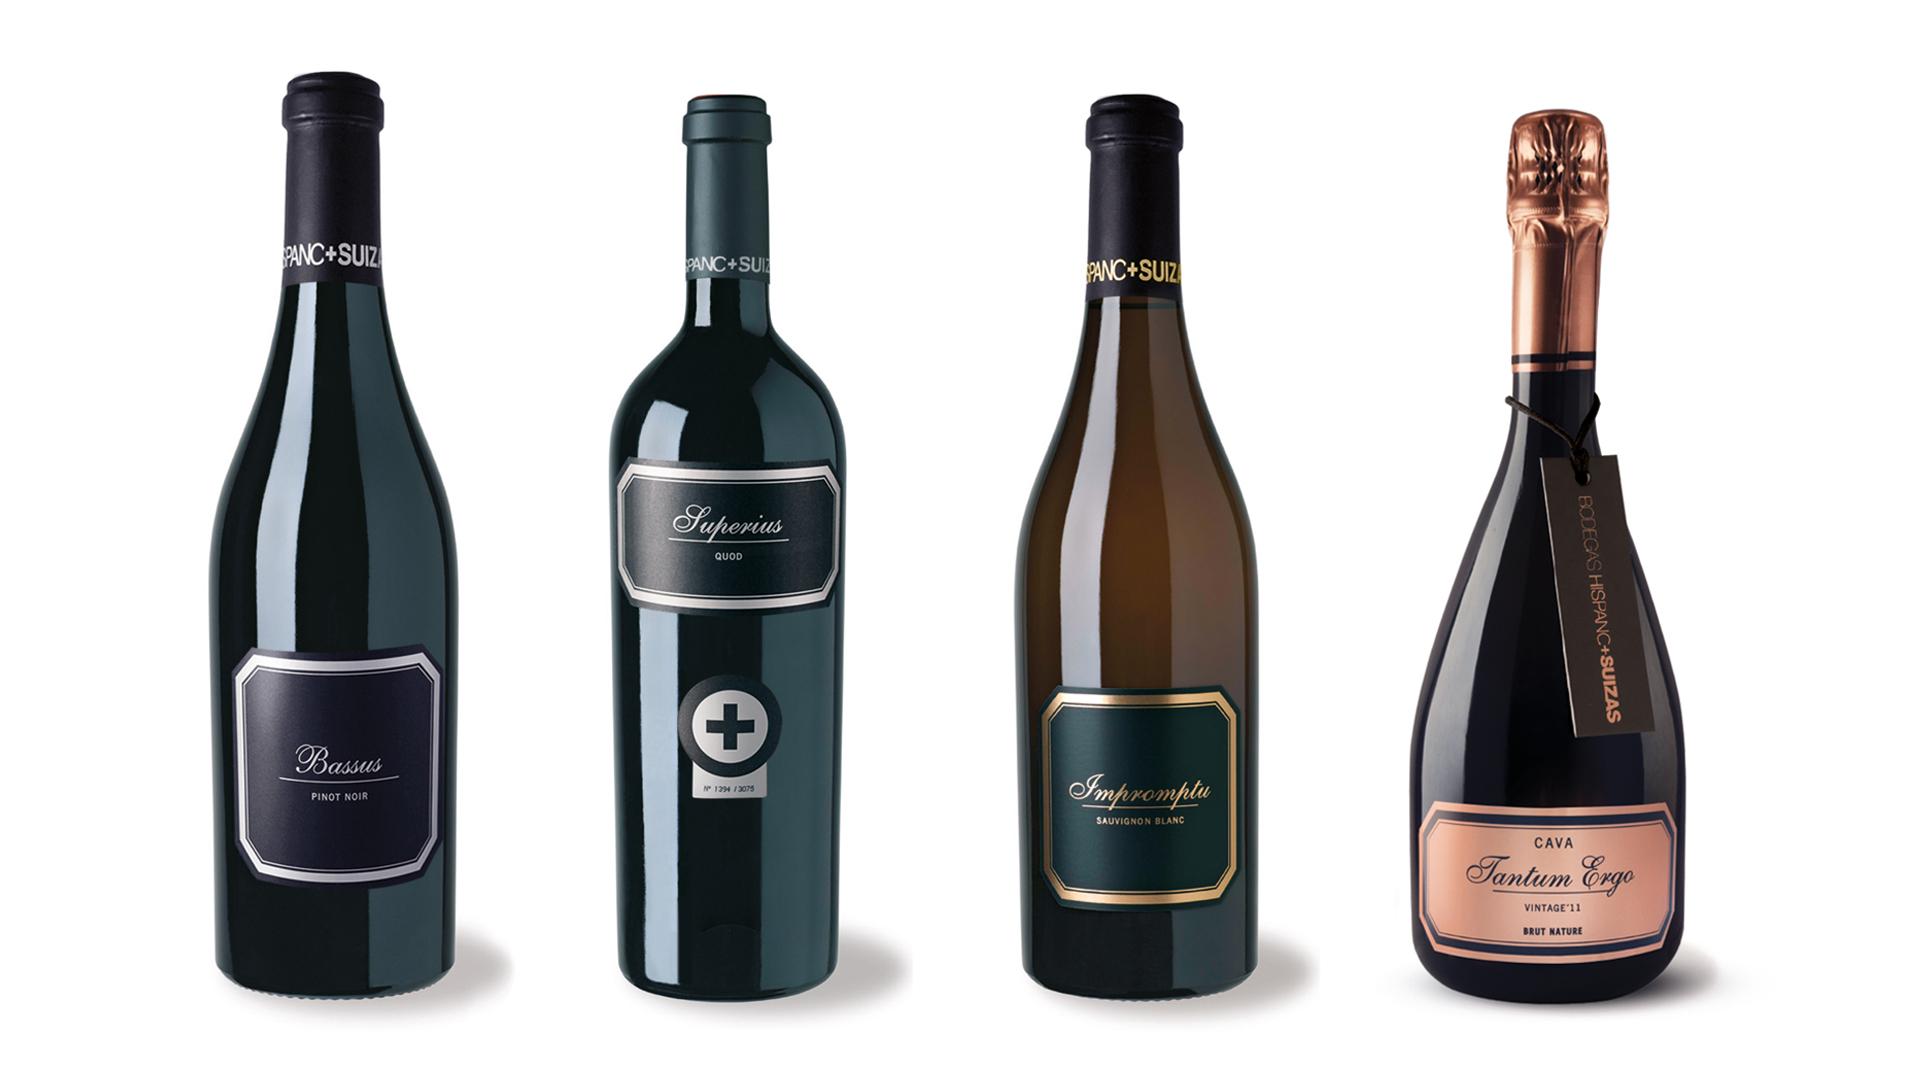 4 vinos de H+S, los mejores de España en su variedad para la Guía SEVI 2020